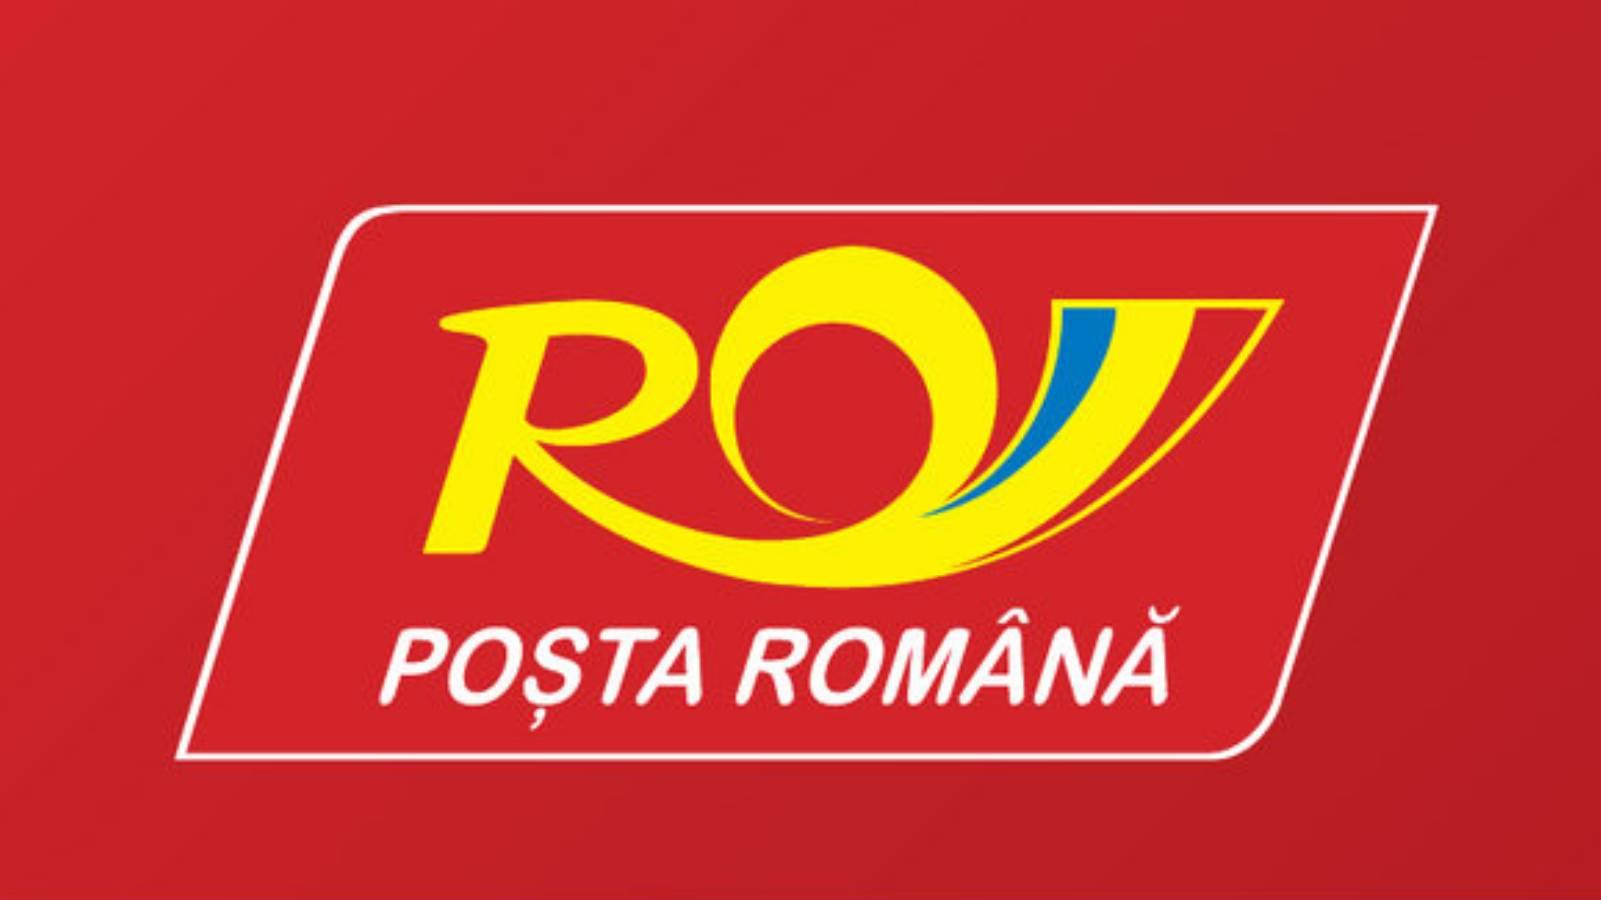 Posta Romana Recomandarea pentru Romanii din Toata Tara